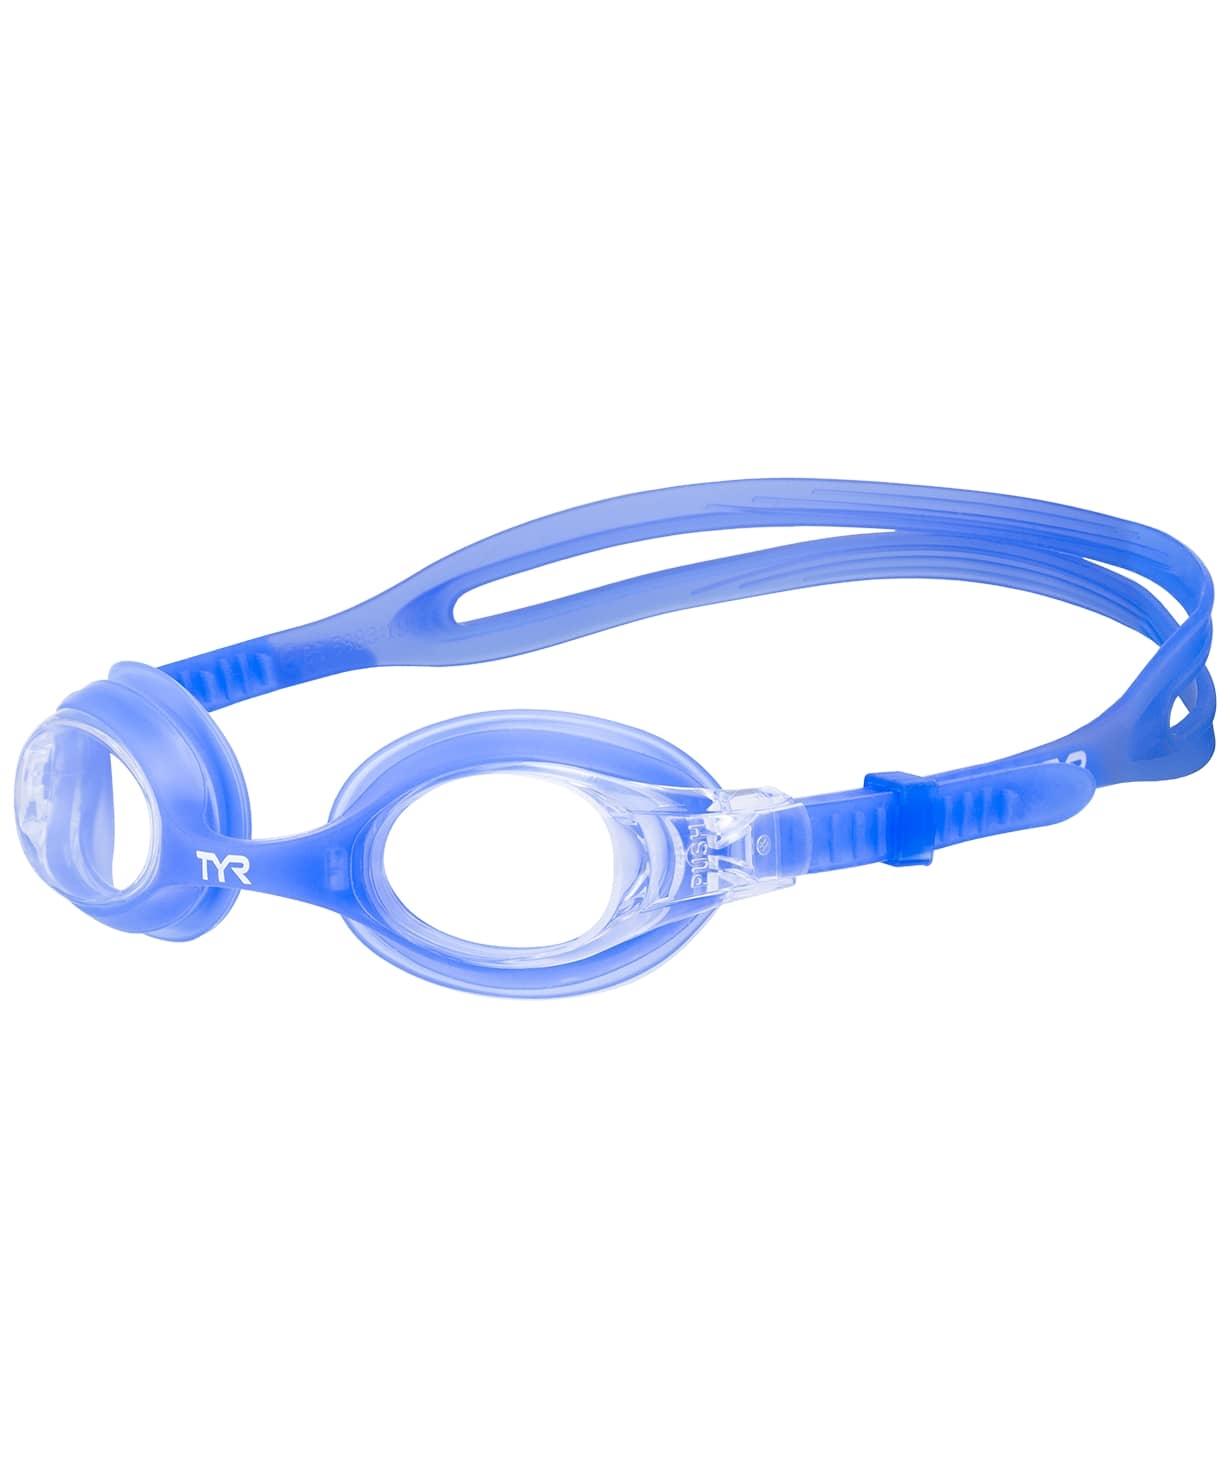 Очки Kids Swimple, LGSW/105, голубой